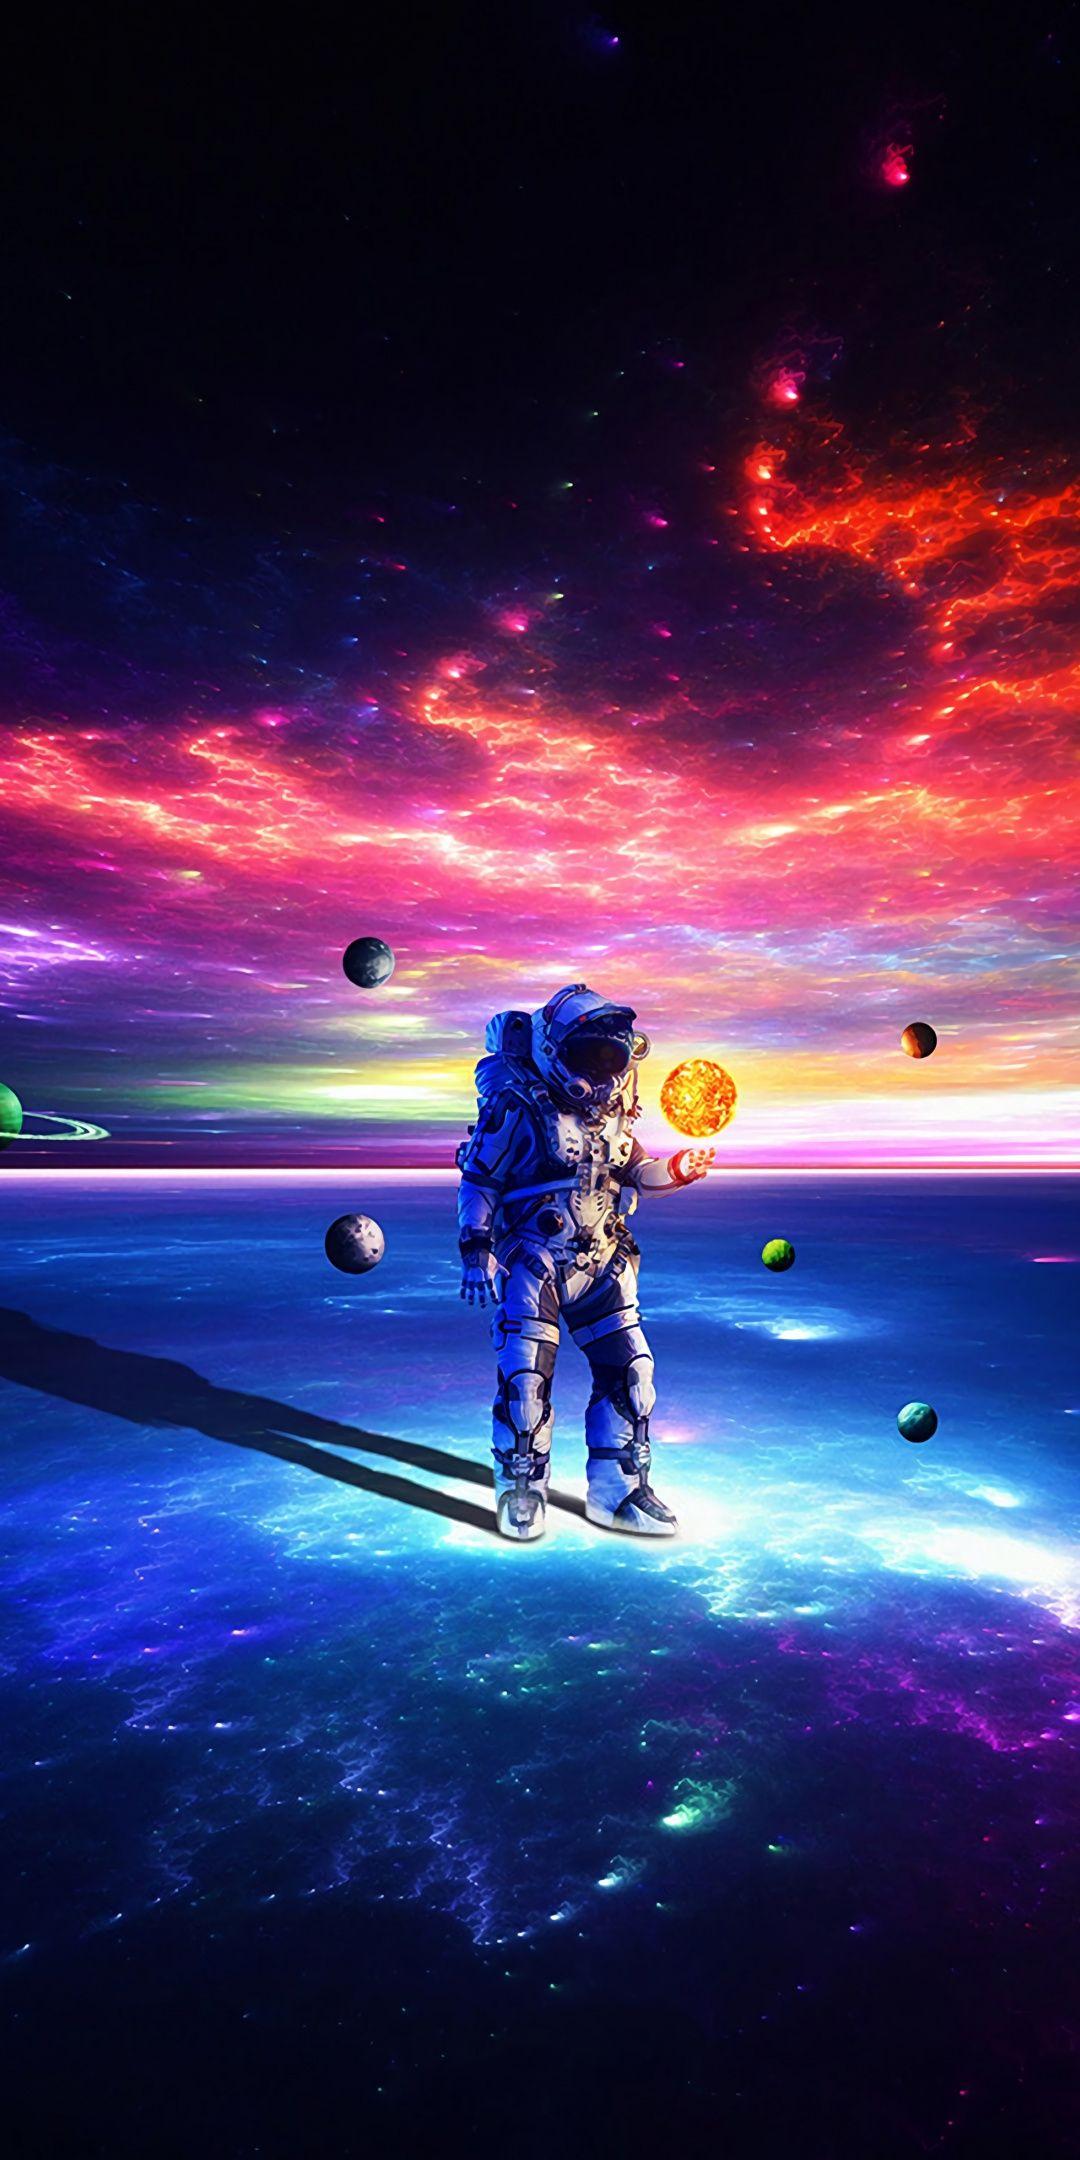 Astronaut Space Suit Cosmopolitan Dark Art 1080x2160 Wallpaper Astronaut Wallpaper Space Artwork Wallpaper Space